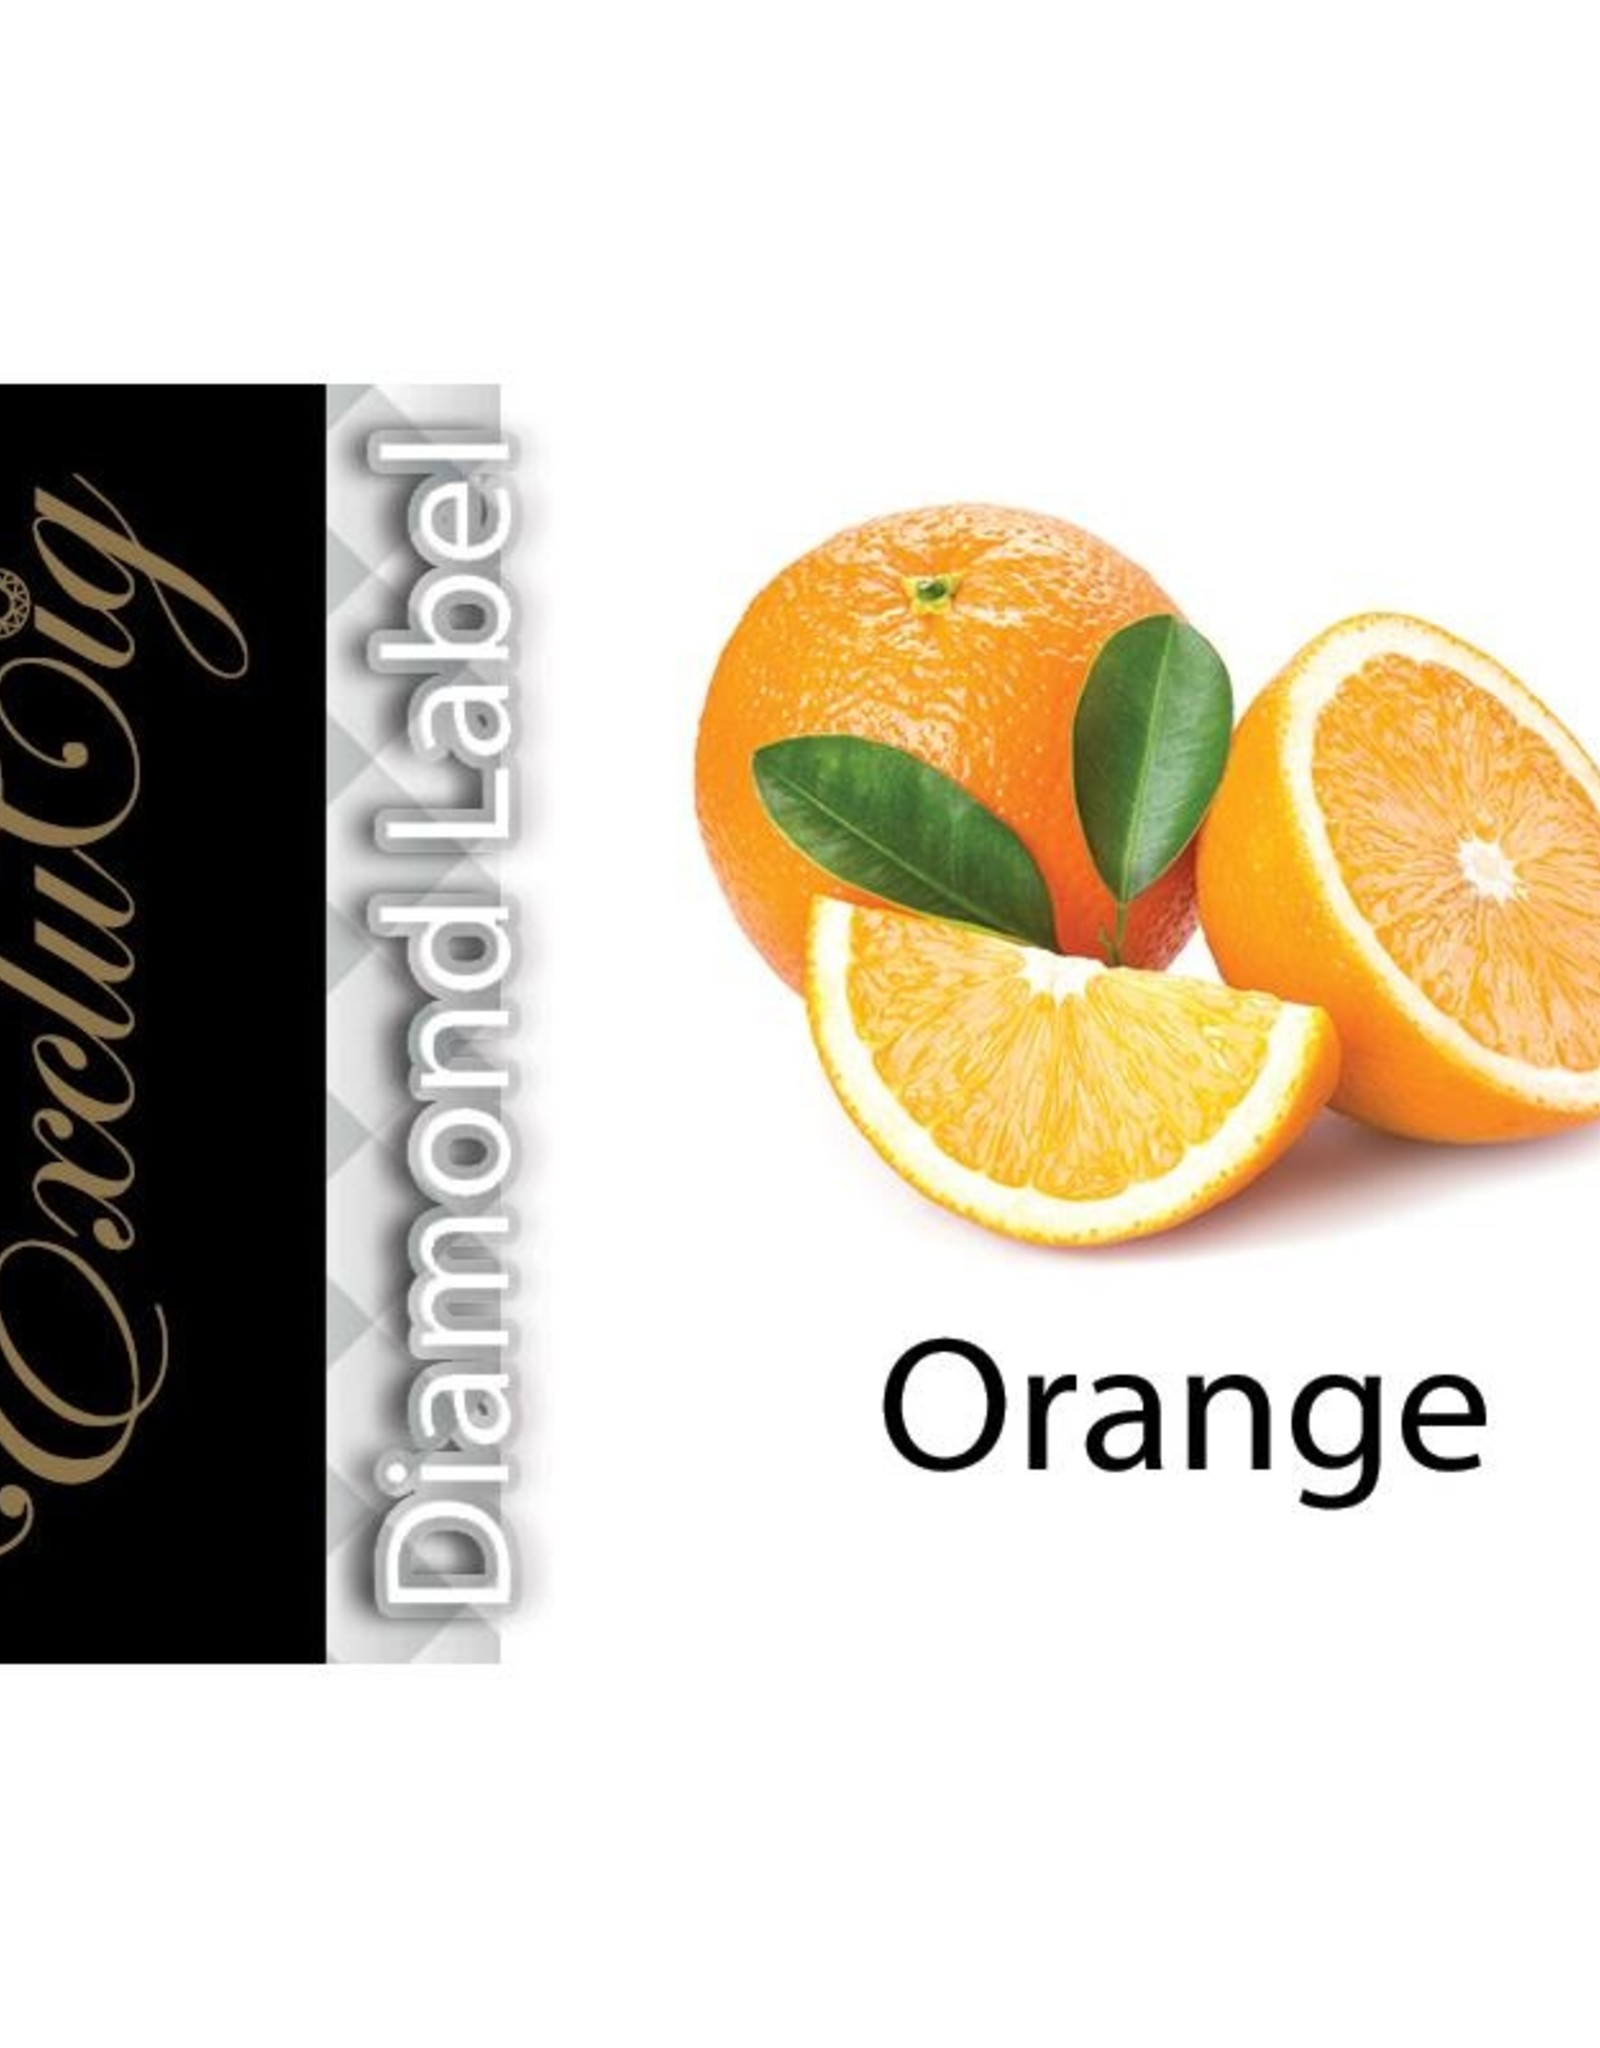 Exclucig Exclucig Diamond Label E-liquid Orange 0 mg Nicotine